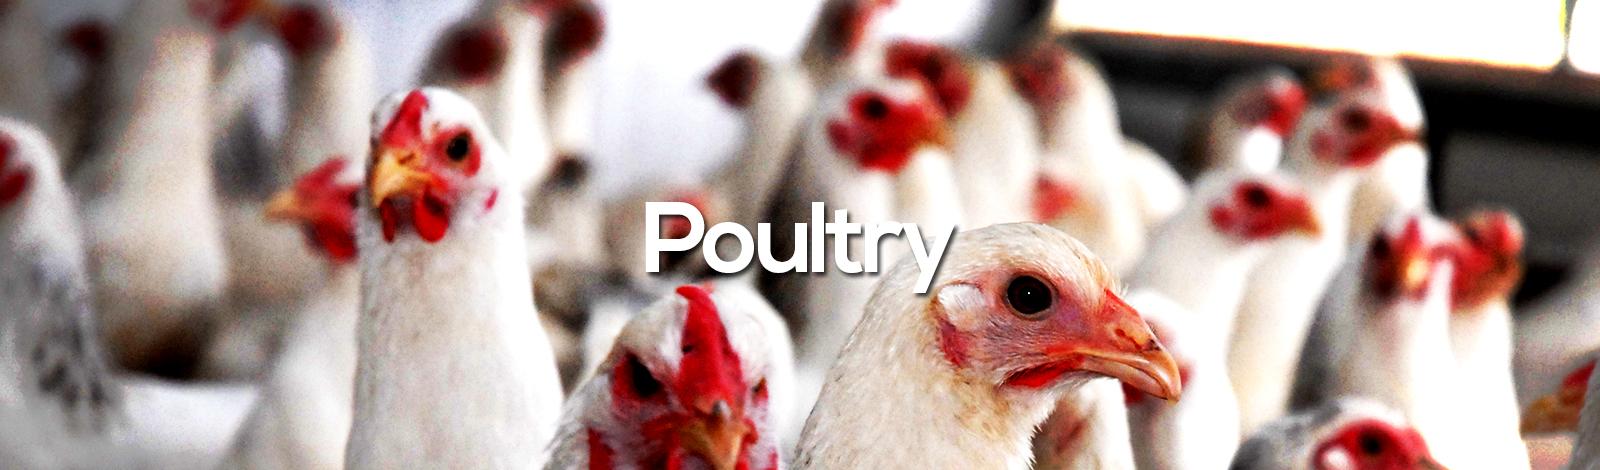 banner-produtos_poultry